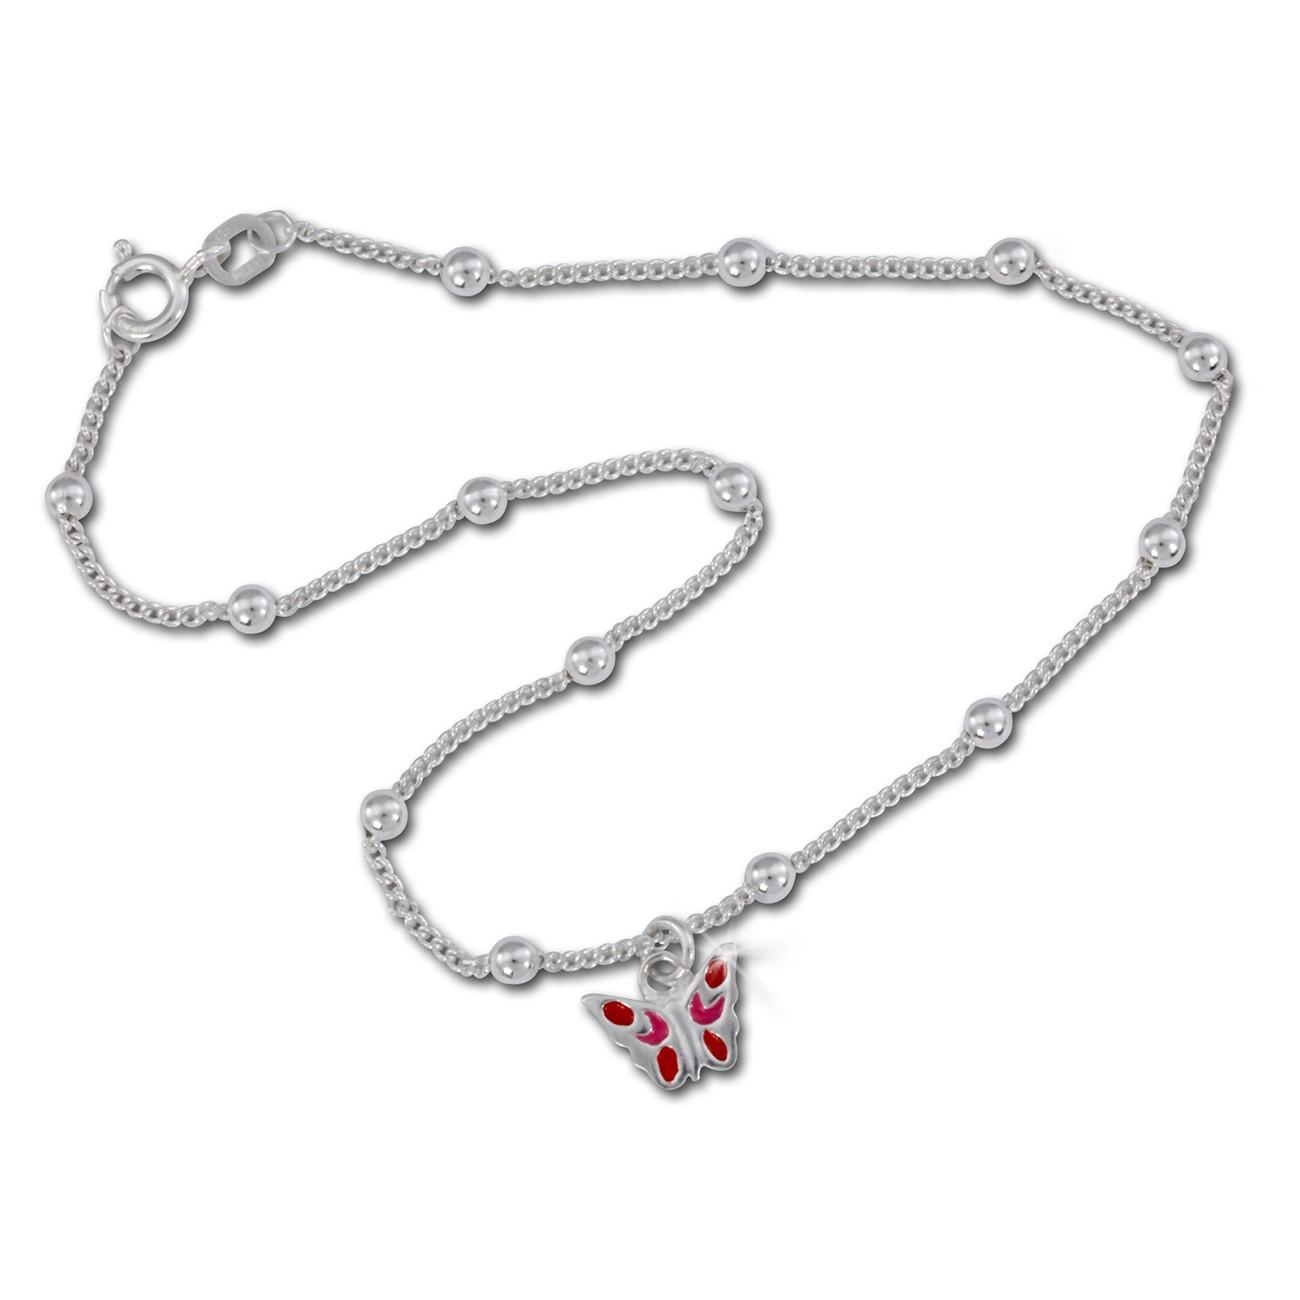 SilberDream Fußkette Schmetterling rot 25cm 925 Silber SDF016R